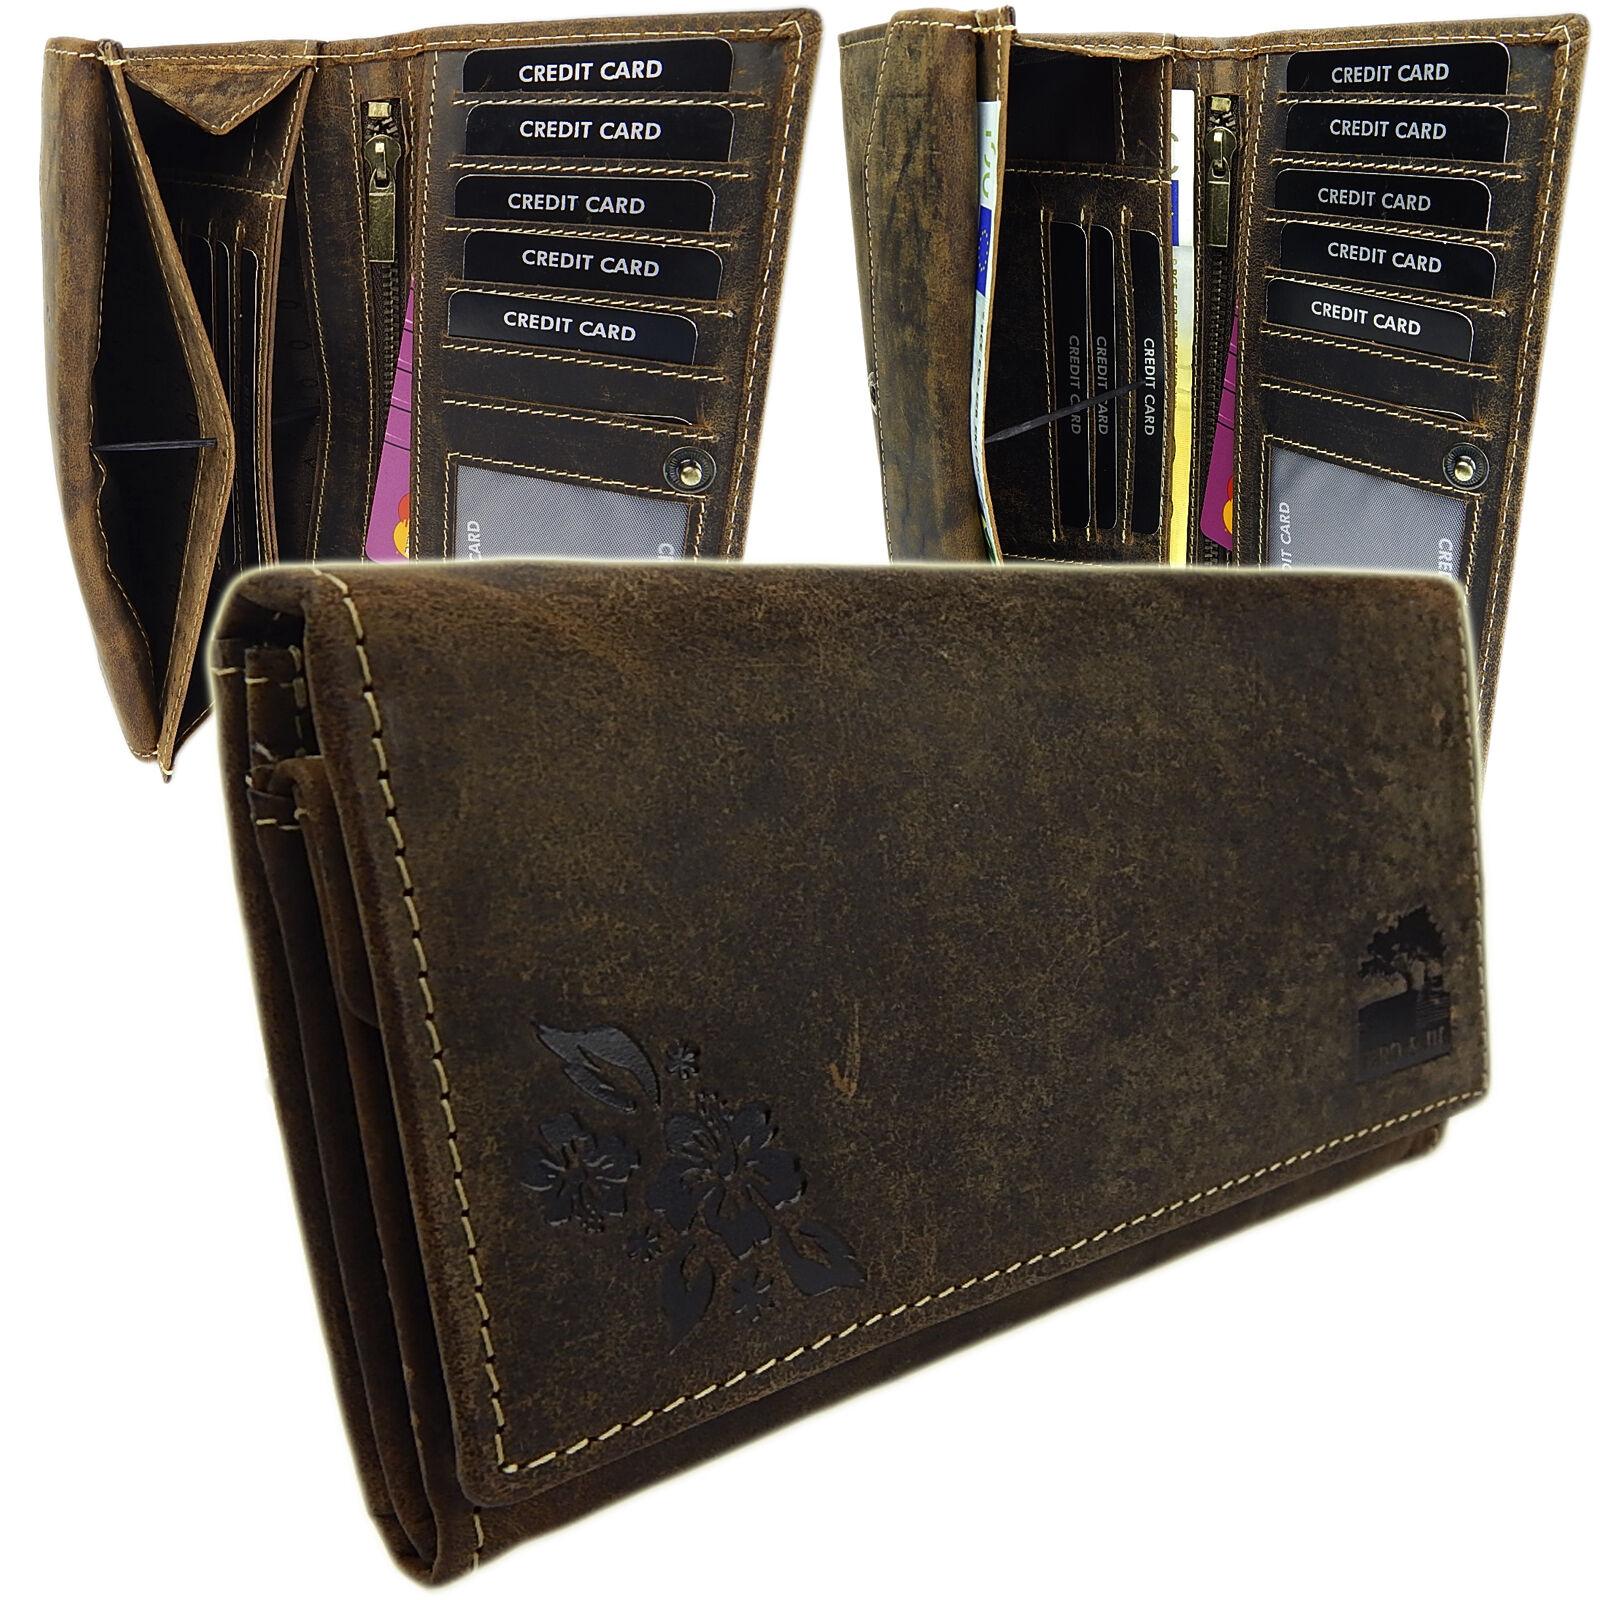 BRO&SIS Portemonnaie Damen Geldbörse Brieftasche Original Büffelleder Naturbraun  | Qualität und Quantität garantiert